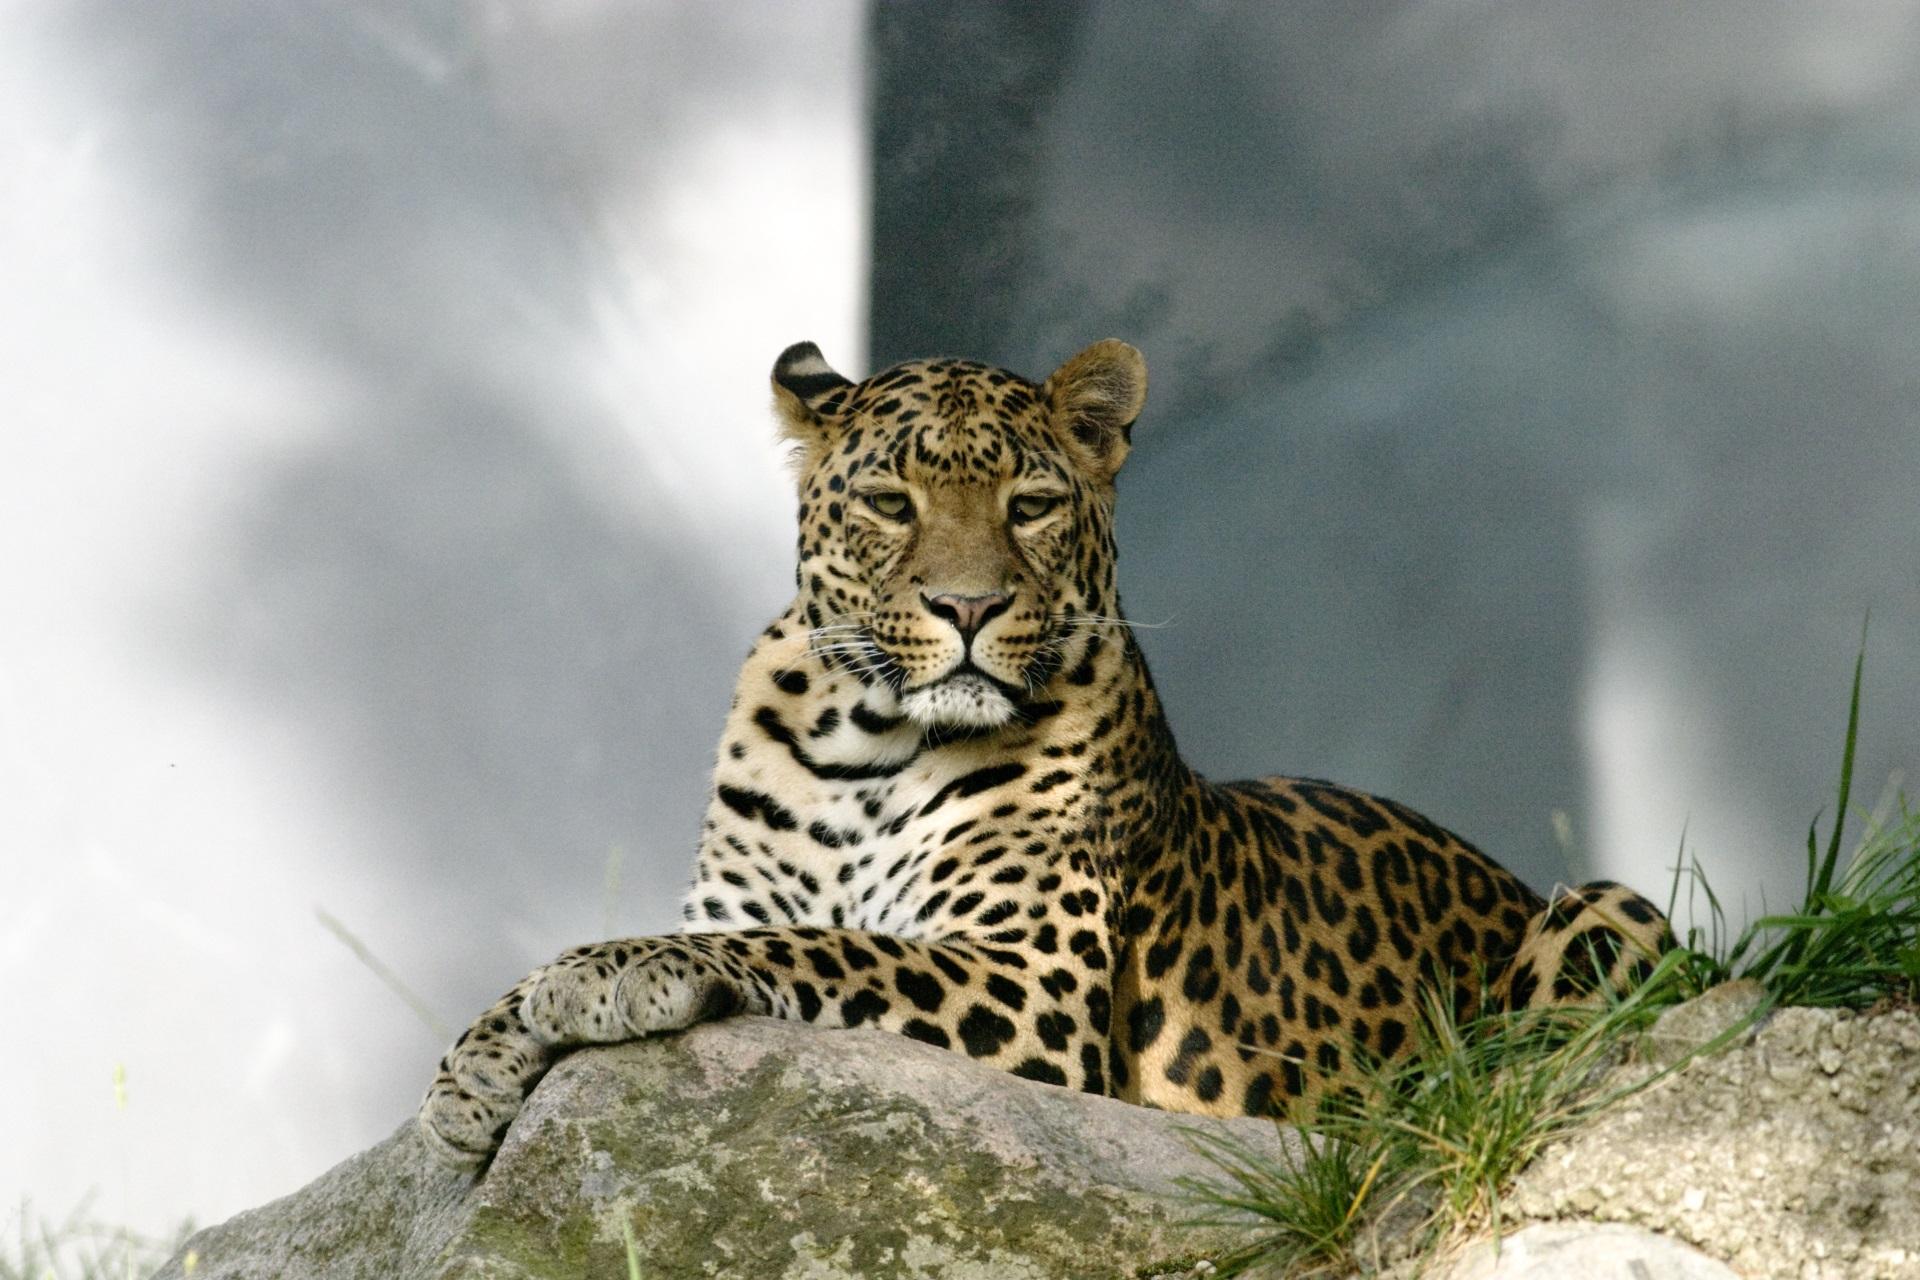 <p><strong>Амурски леопард</strong></p>  <p><u>Статус: критично застрашен</u></p>  <p>Докато повечето леопарди живеят в Африка, този рядък подвид е успял да оцелее в Далечния Изток на Русия. Заради бракониерство днес в природата са останали едва 84 екземпляра.</p>